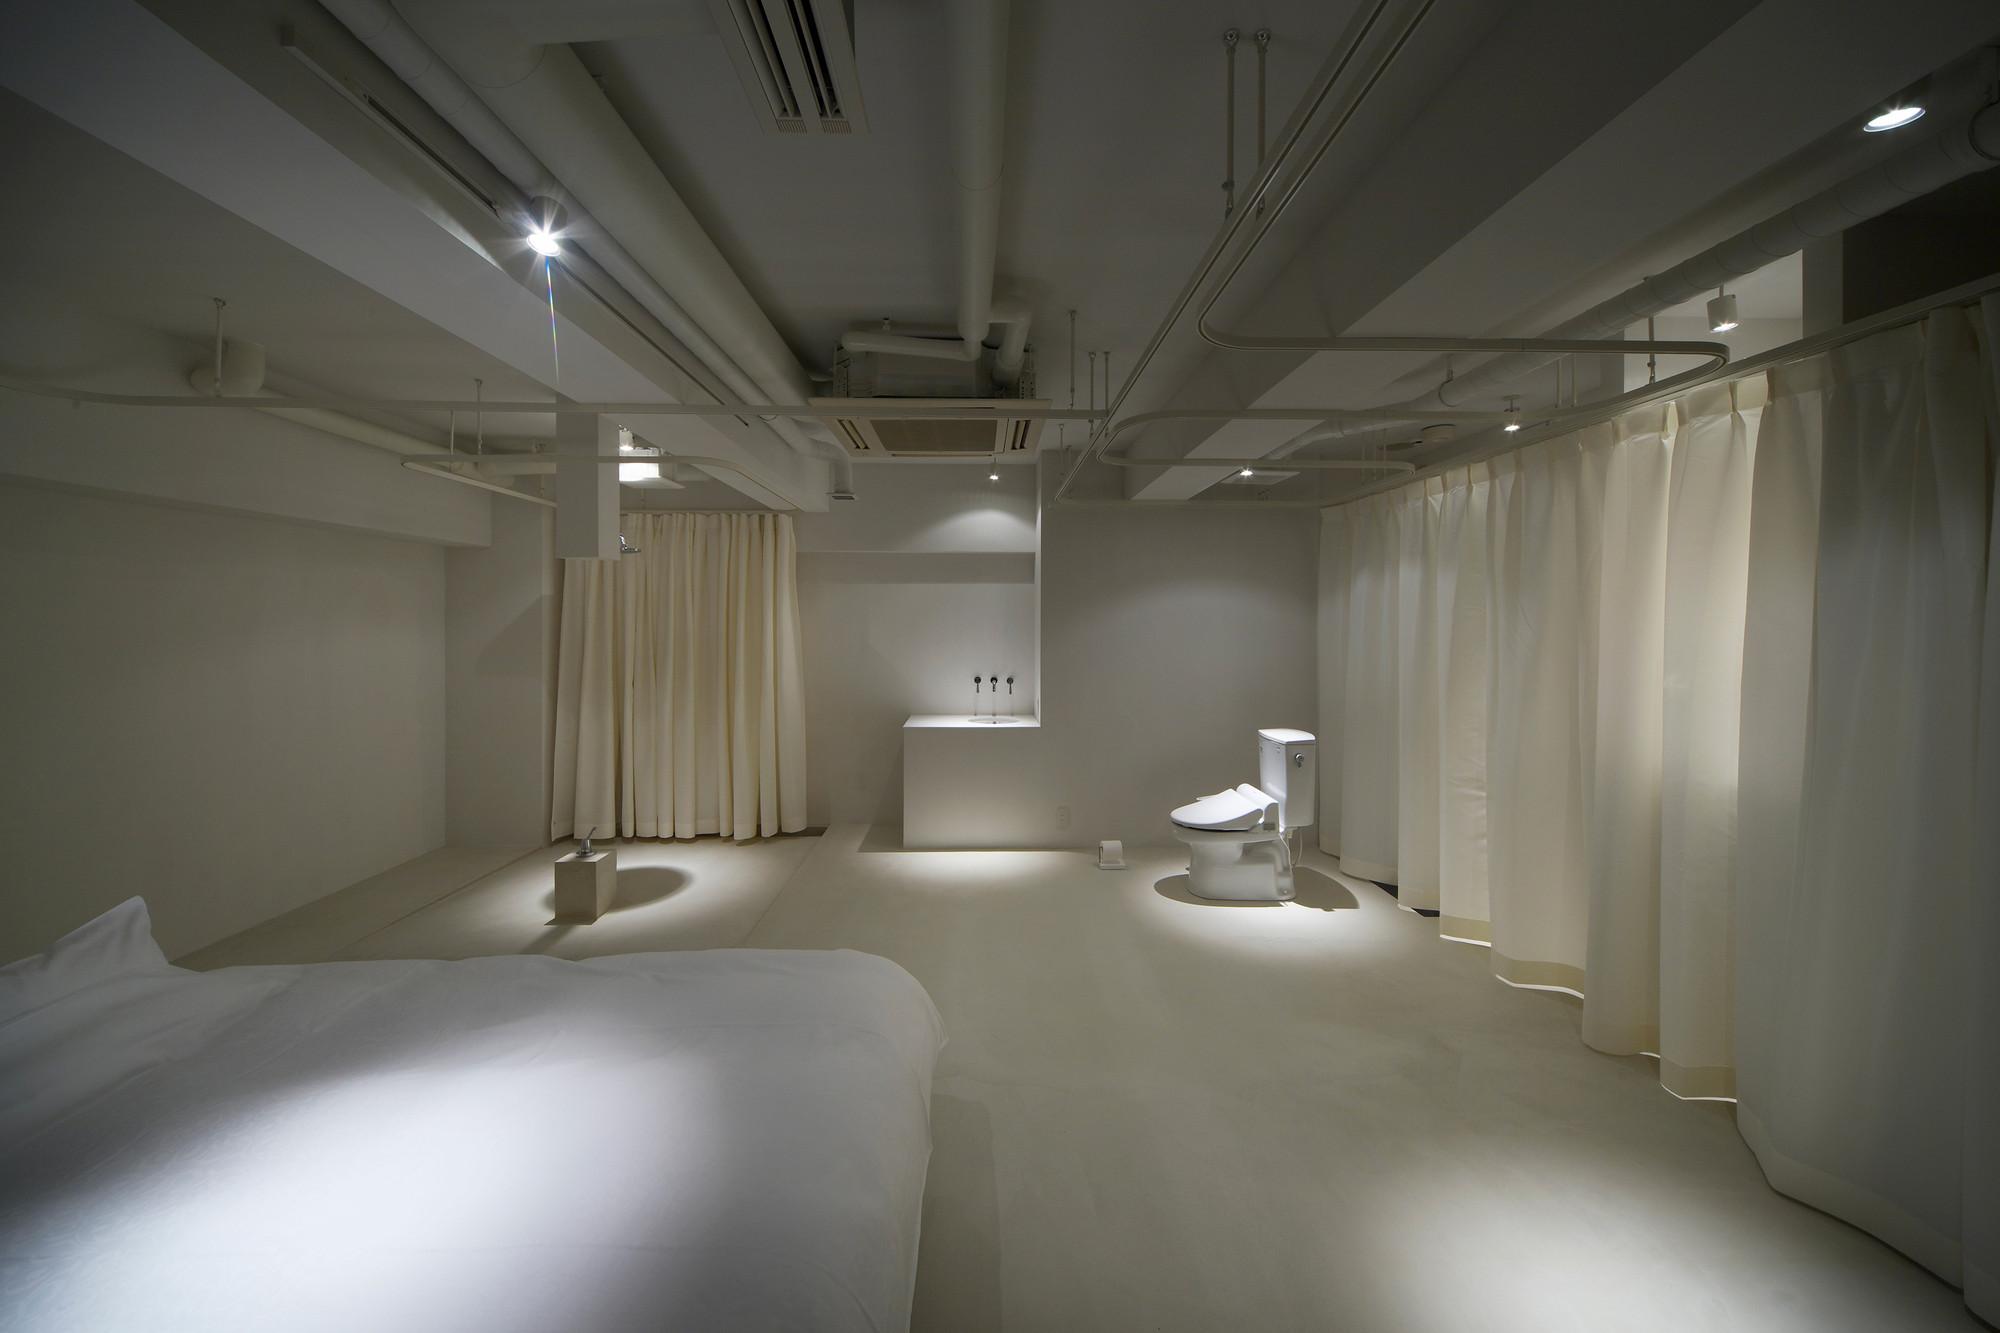 room 211 Hotel T'Point / Mifune Design Studio, © Yasunori Shimomura